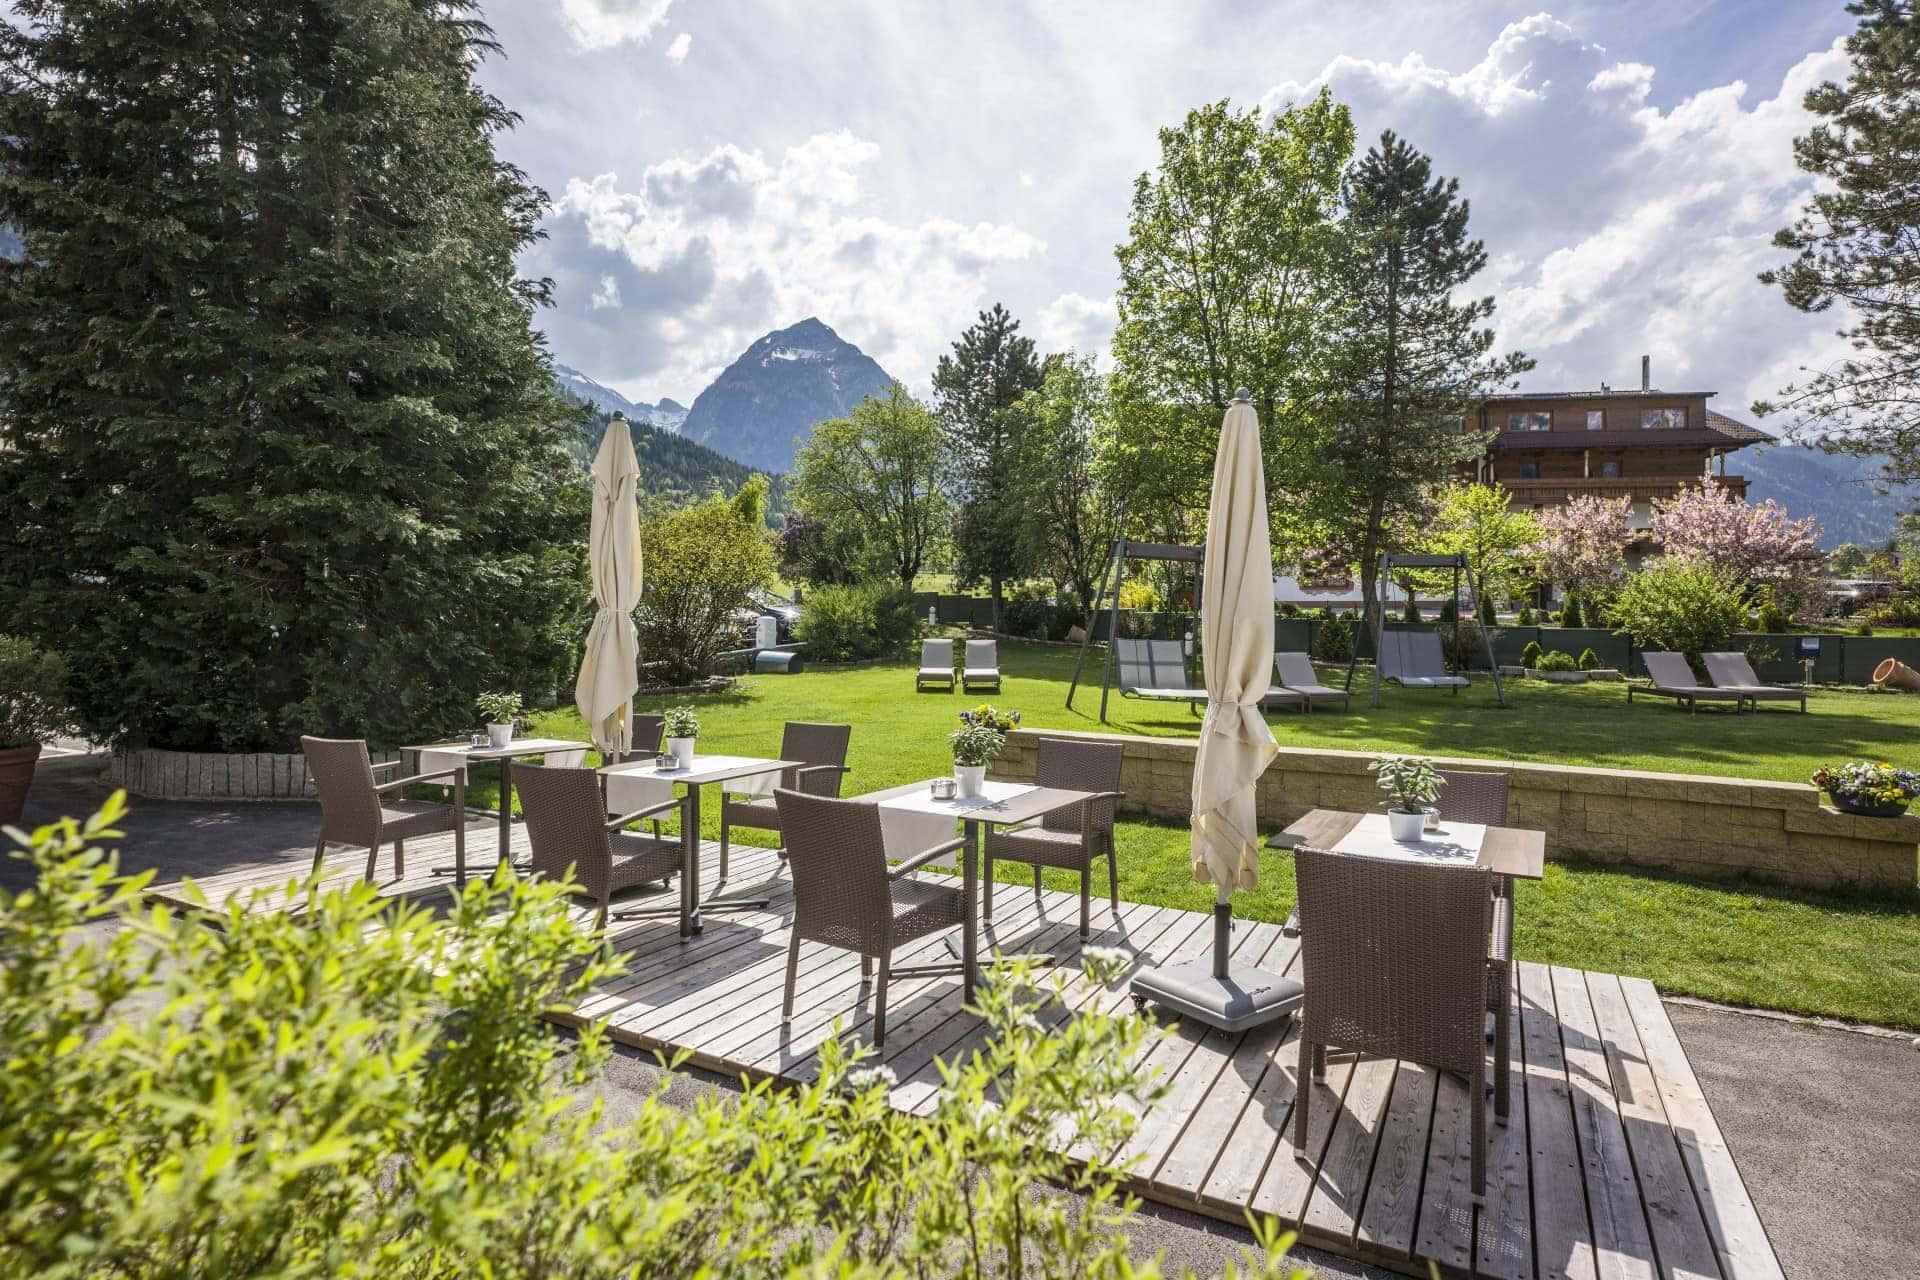 Hotel Auszeit Pertisau 05 2018 Cafetische hinten 1